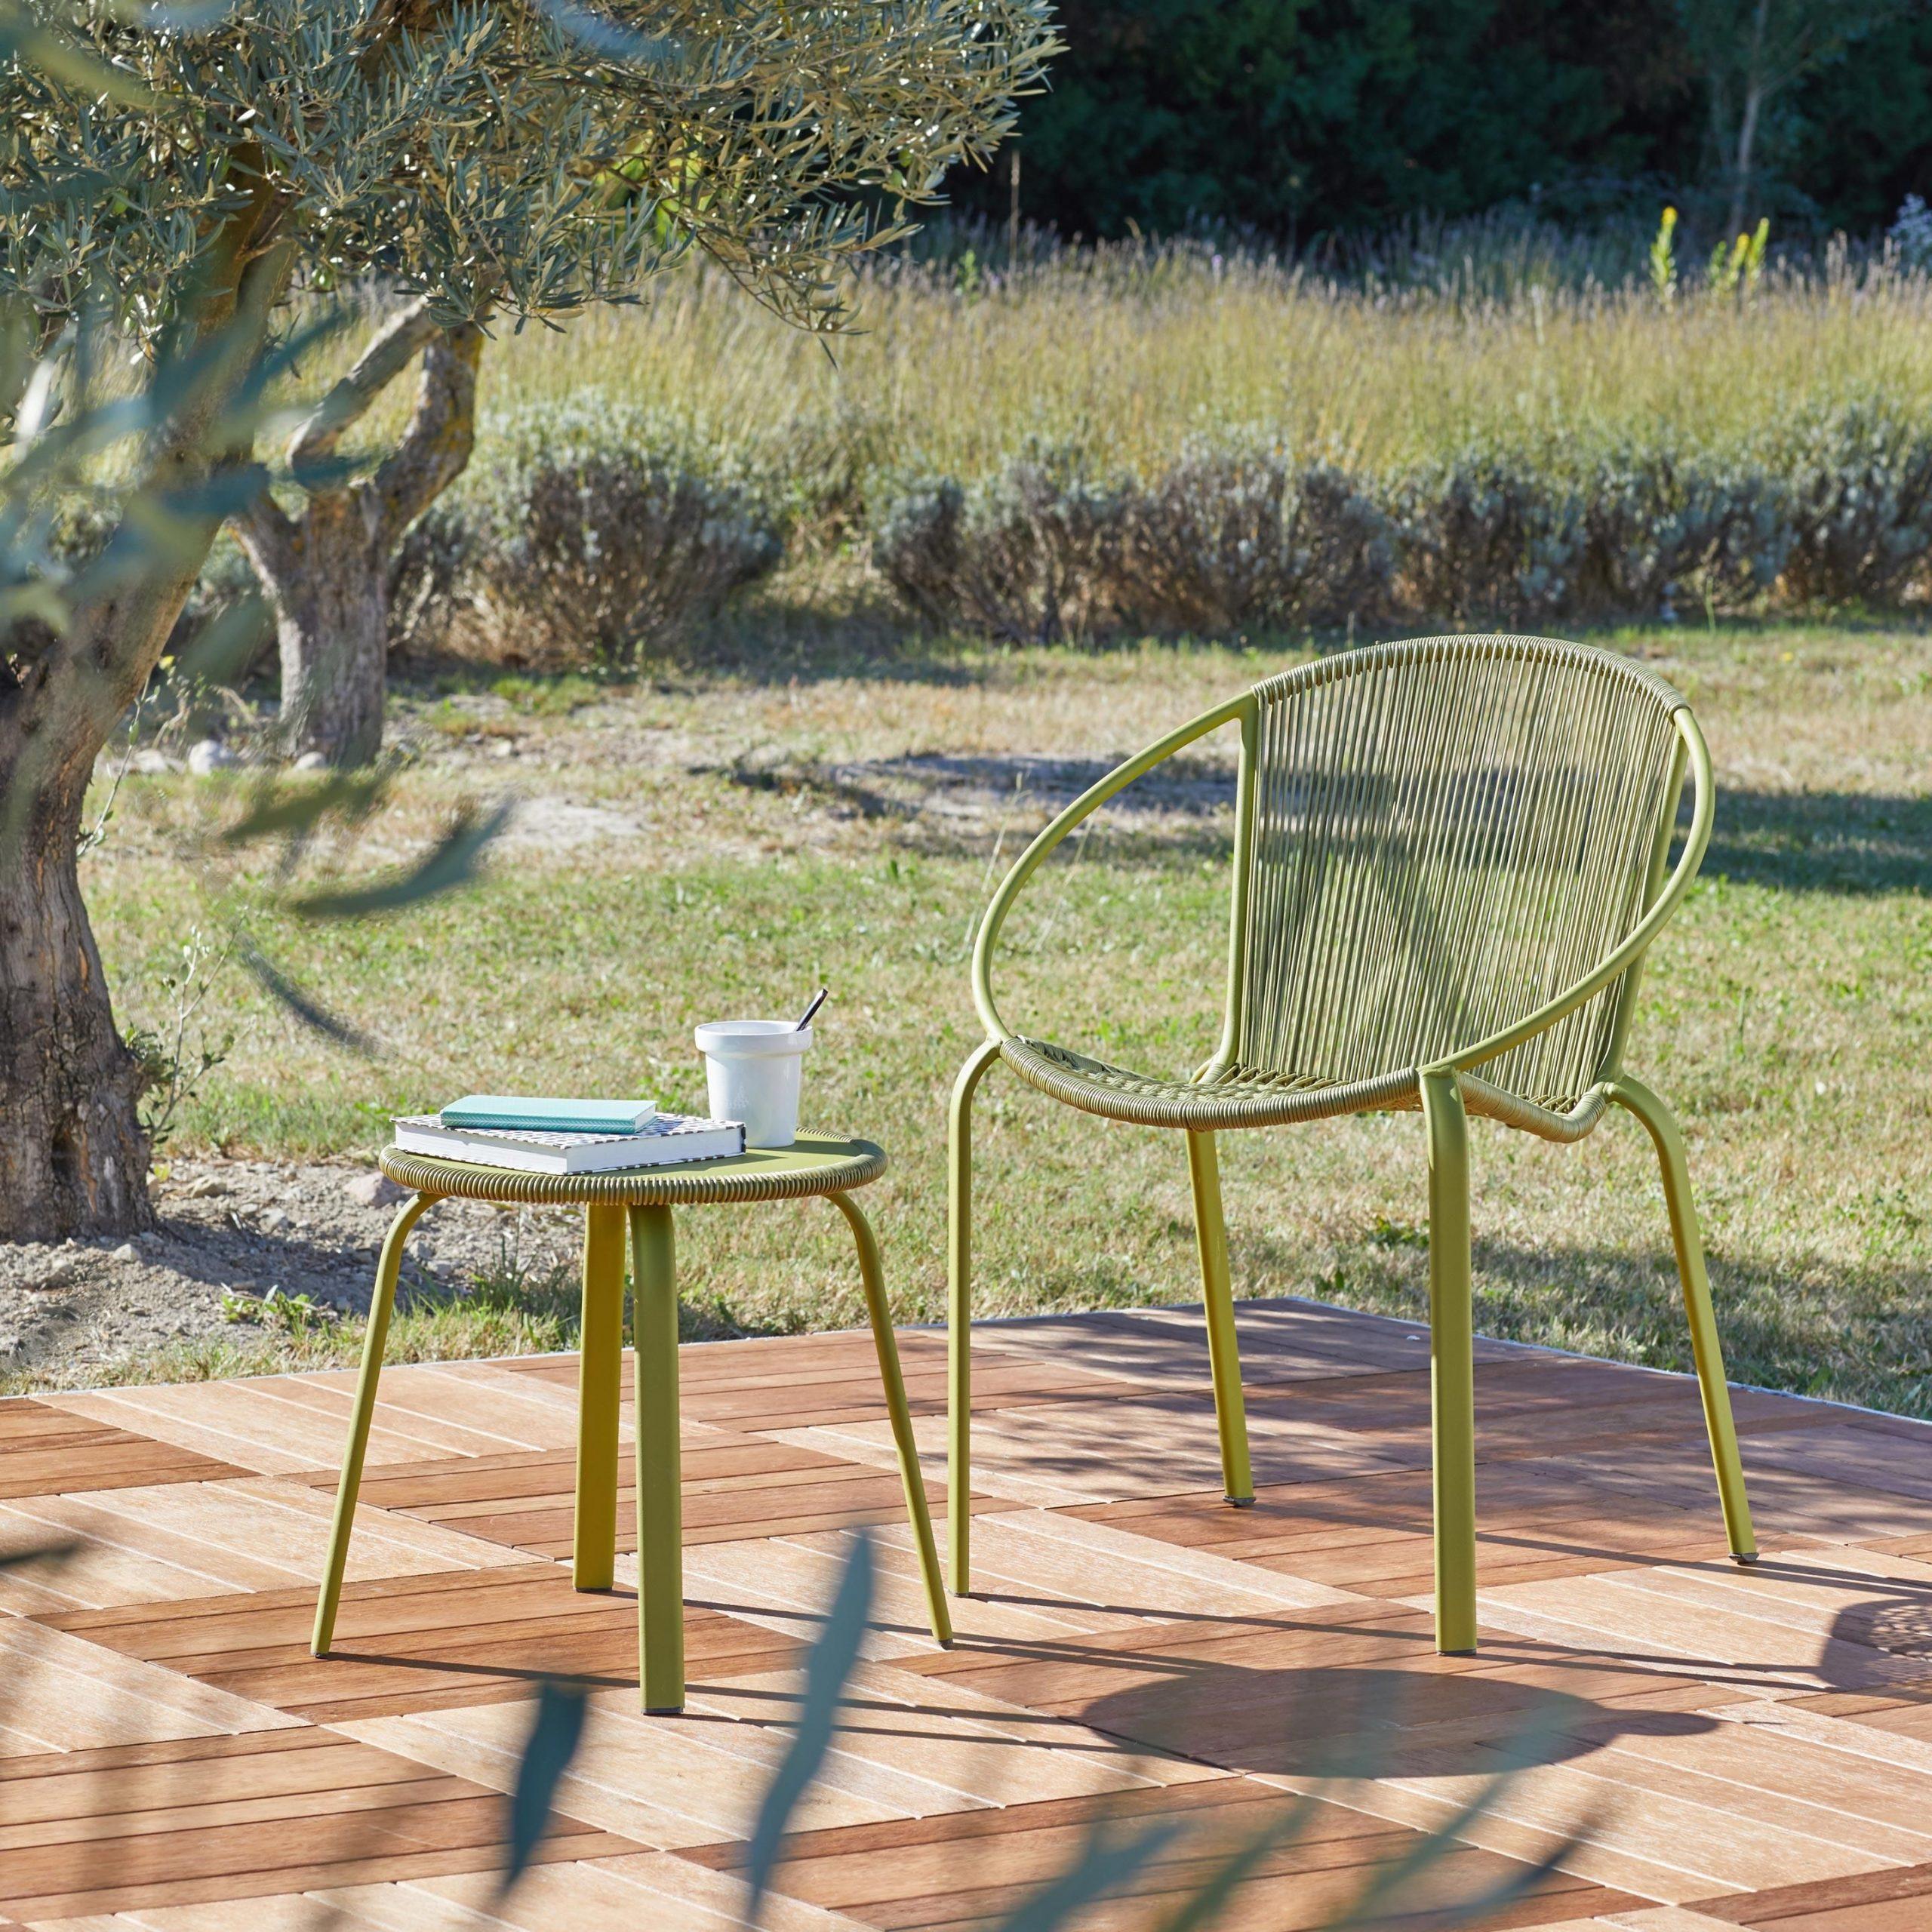 Table De Jardin Basse Naterial Veracruz Ronde Vert 2 ... pour Table De Jardin 2 Personnes